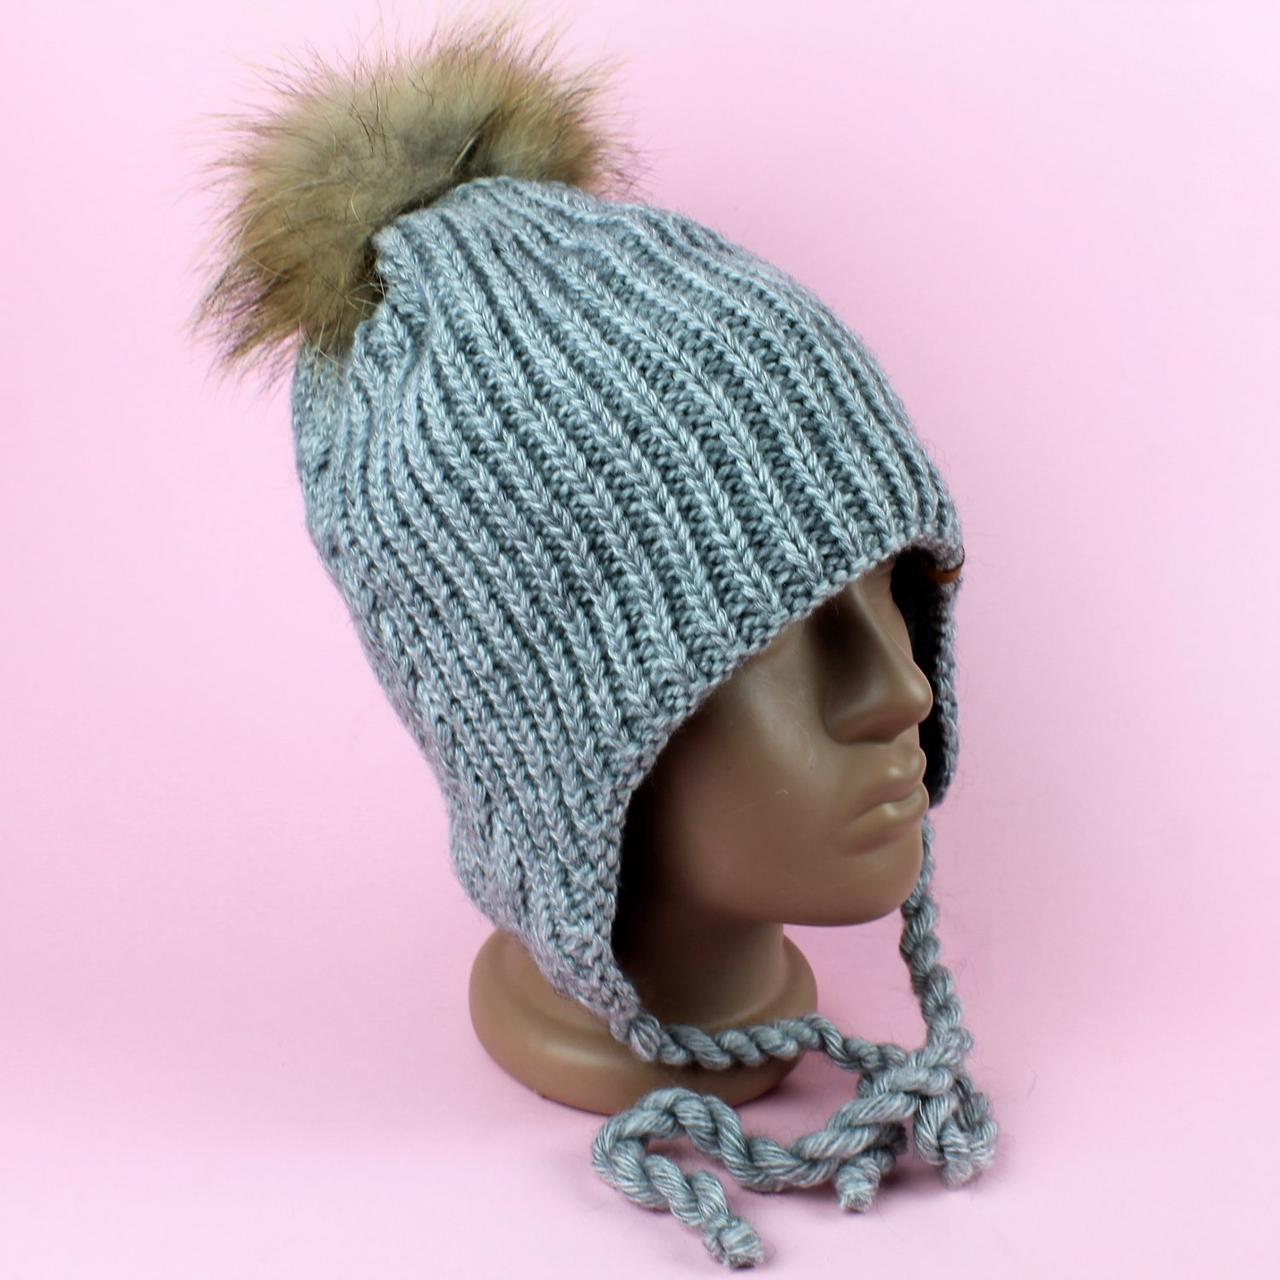 Шапка зимняя для девочки Ненси серая зима размер 50-52 тм Babasik